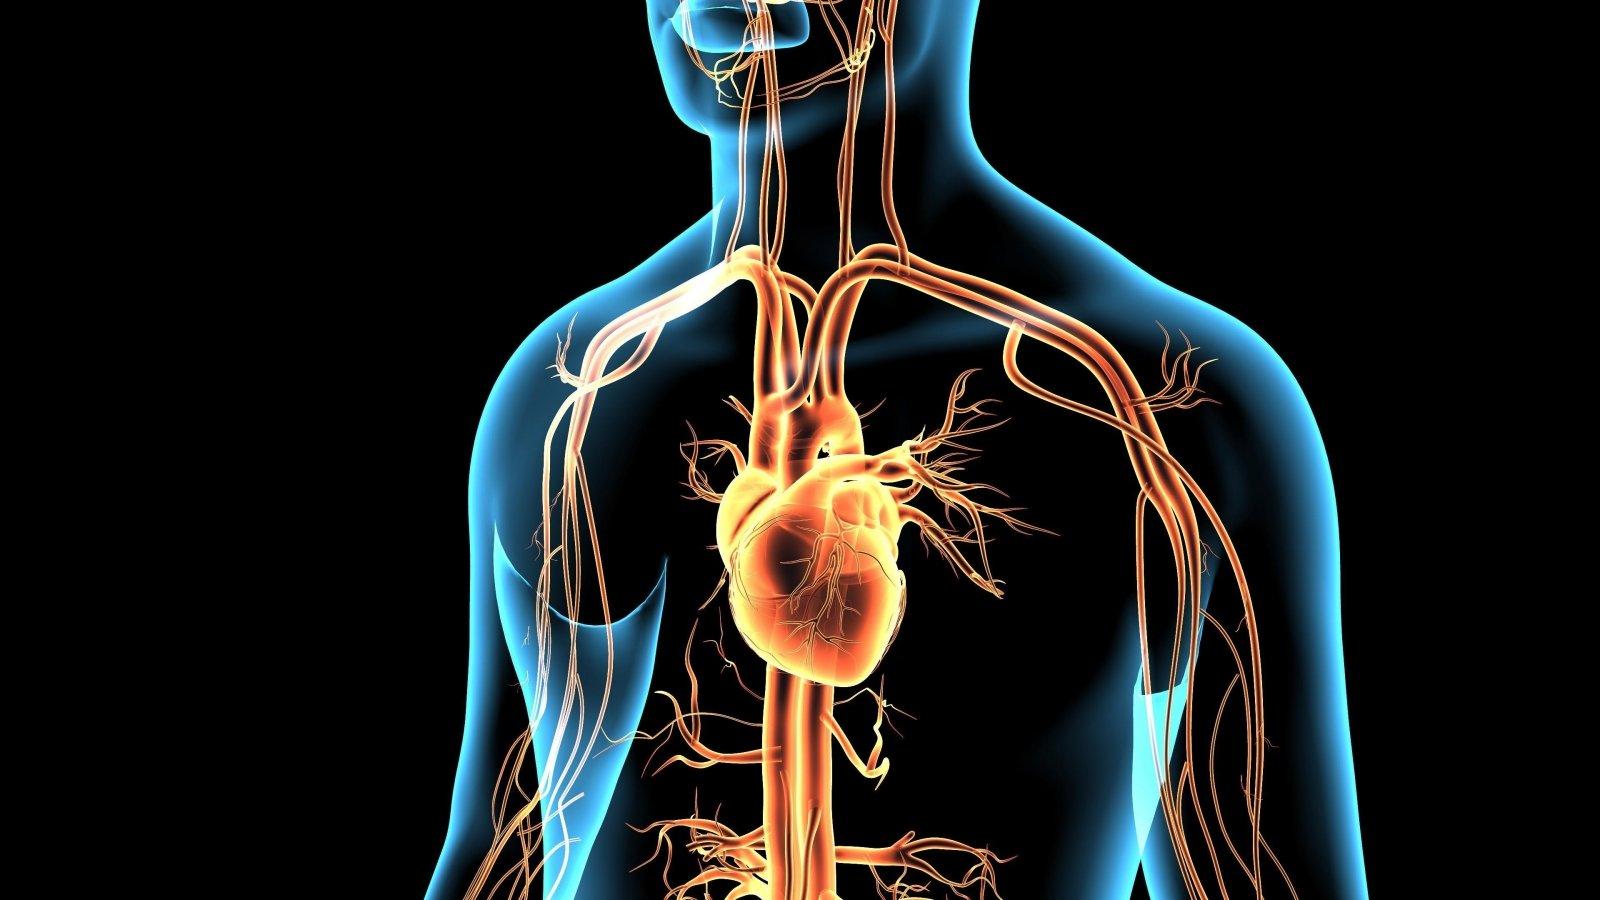 cukraus hipertenzija tirpimas su hipertenzija